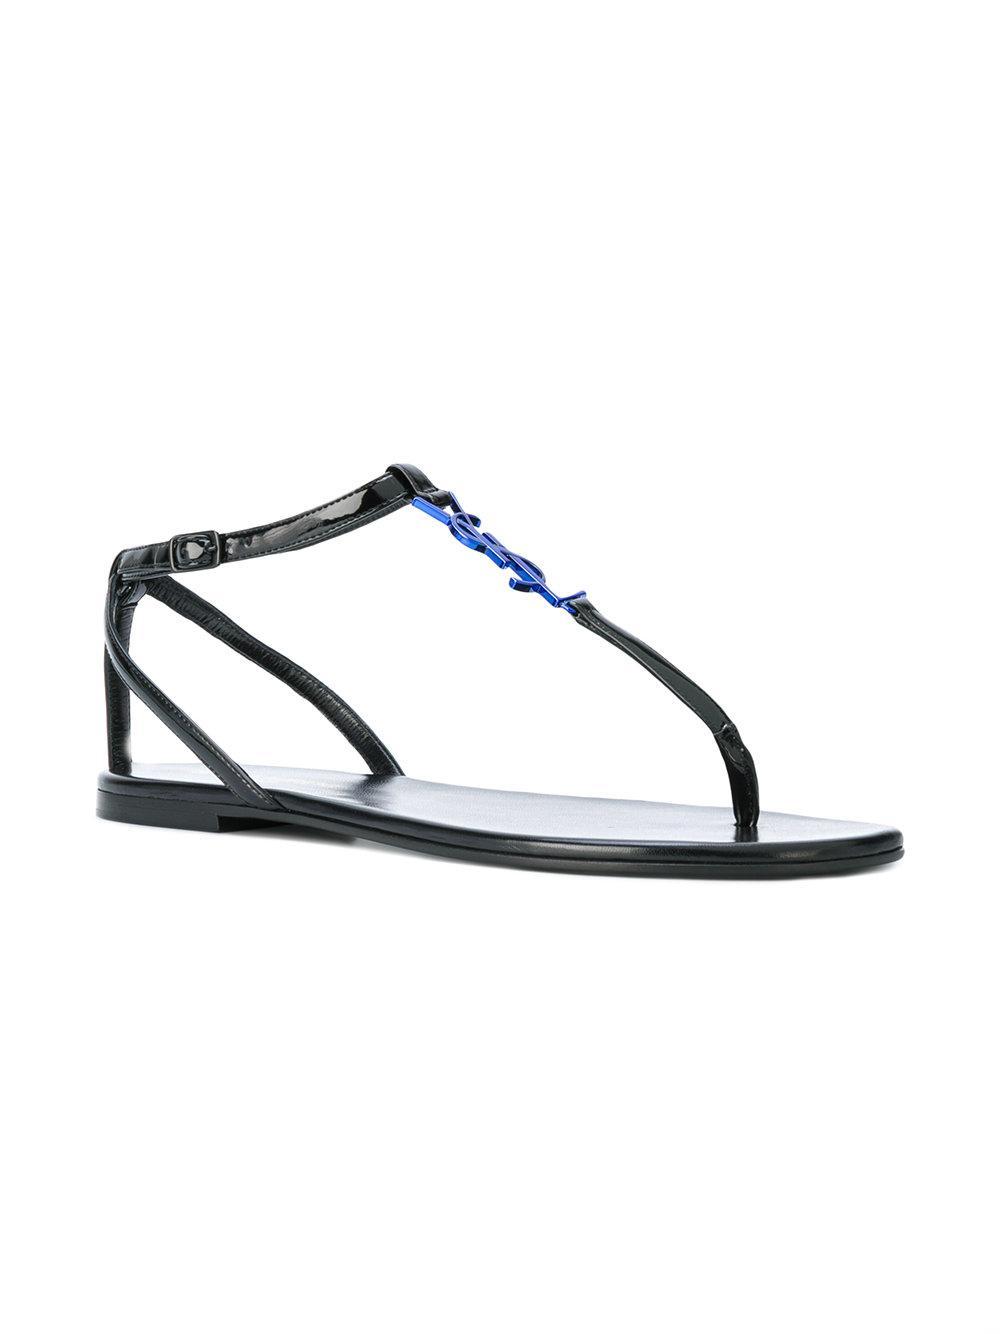 bd9796b12fd3 Lyst - Saint Laurent Nu Pieds 05 Ysl Sandals in Black